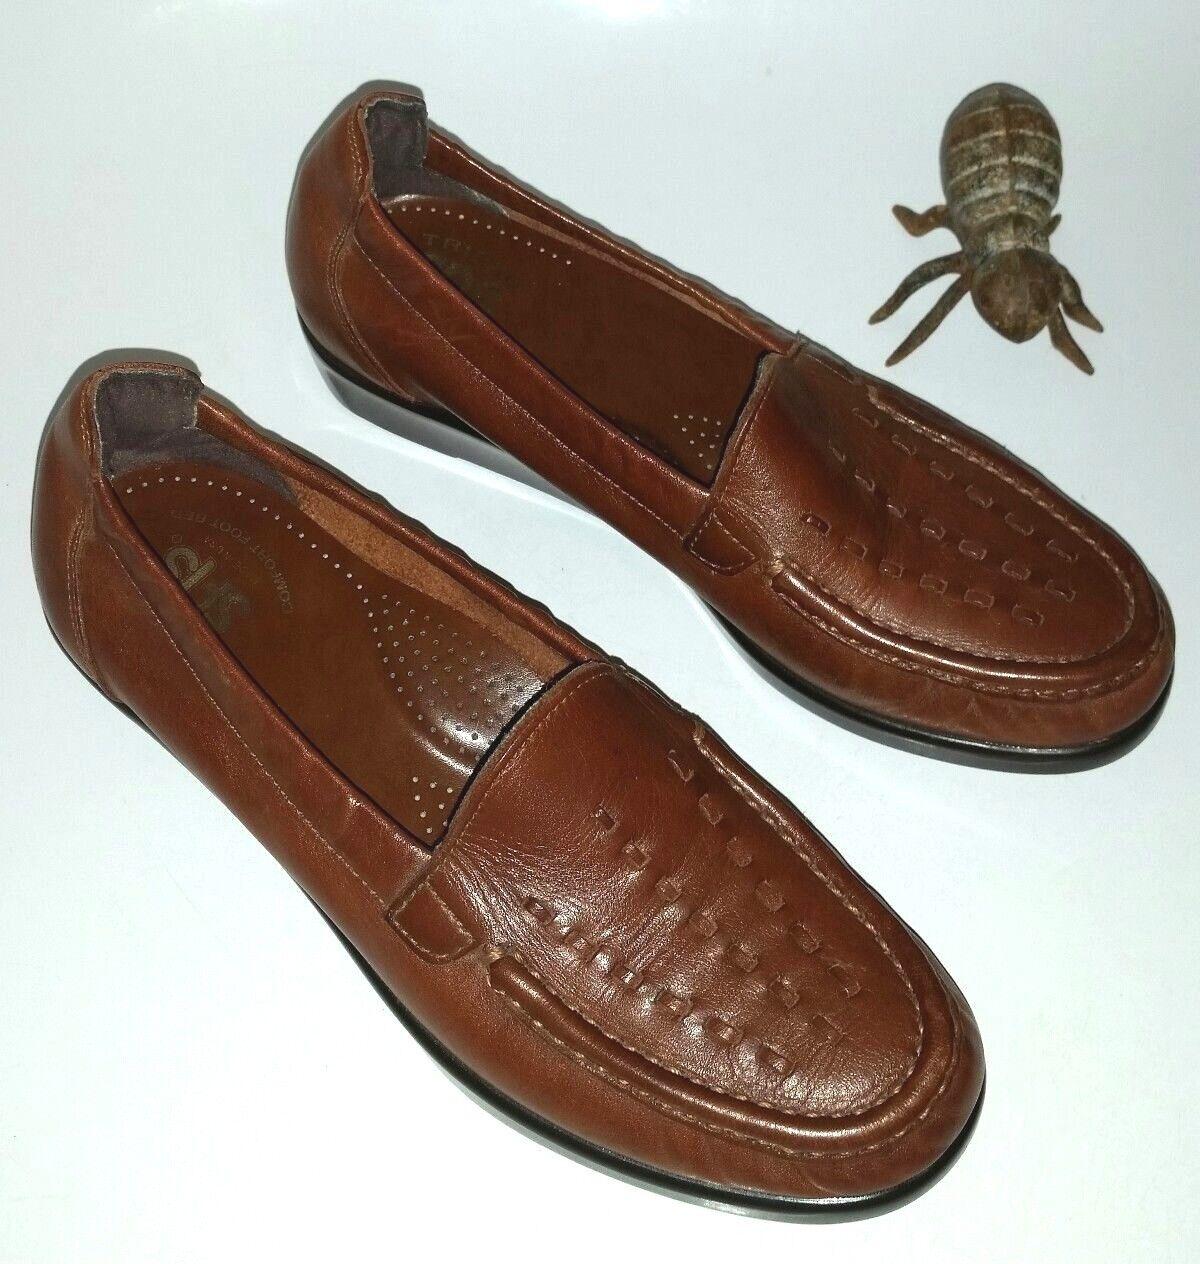 SAS Tripad Comfort Woven Weave Woven Comfort Pelle Moc  Toe Loafers  Moc  3a1299